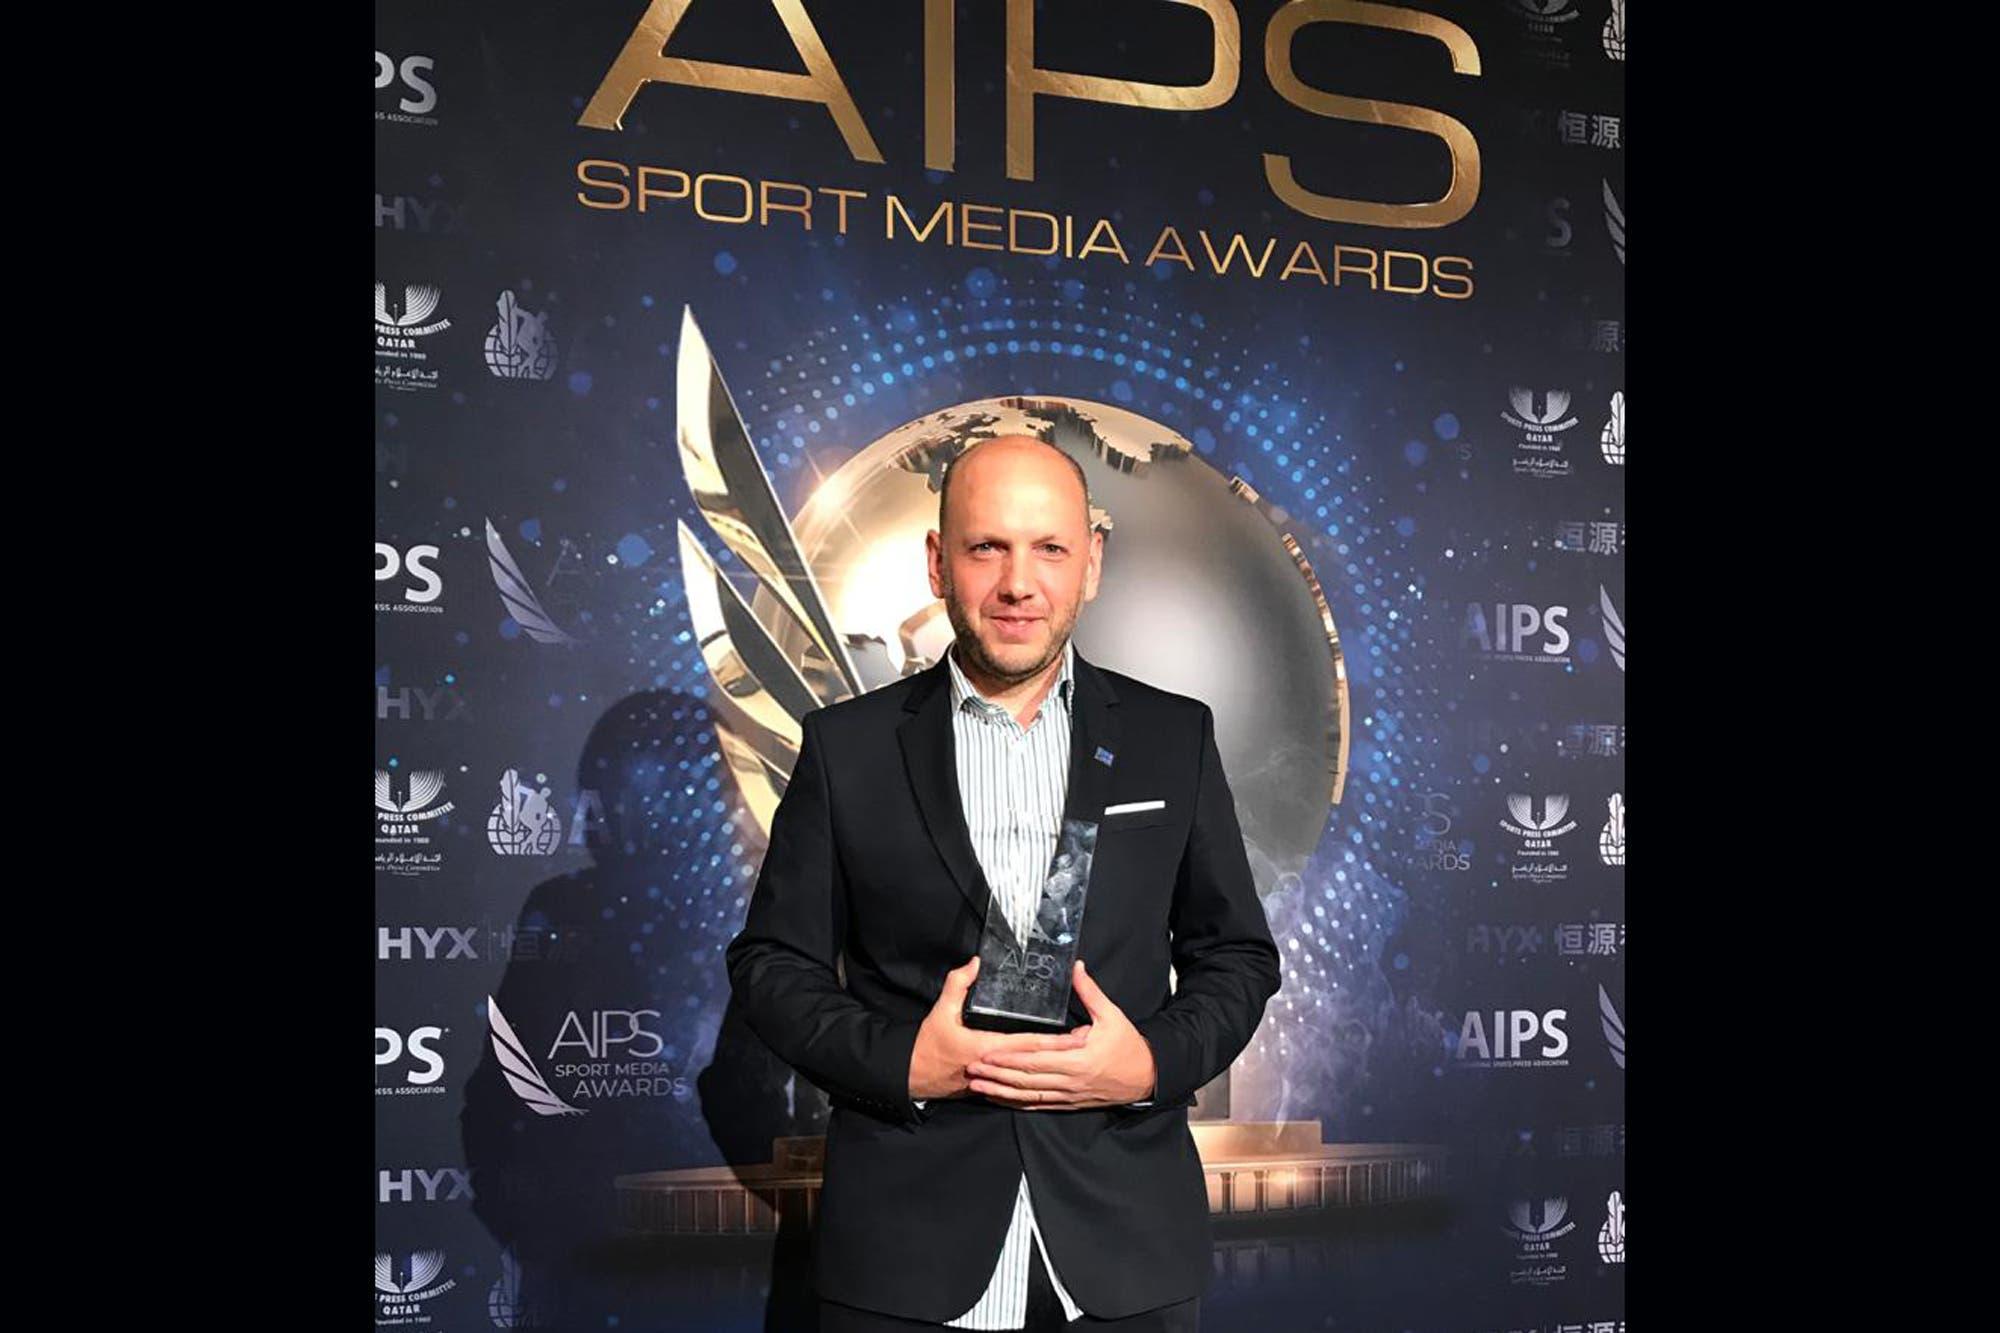 LA NACION reconocida en el podio de un premio internacional por su investigación sobre las apuestas ilegales en el tenis